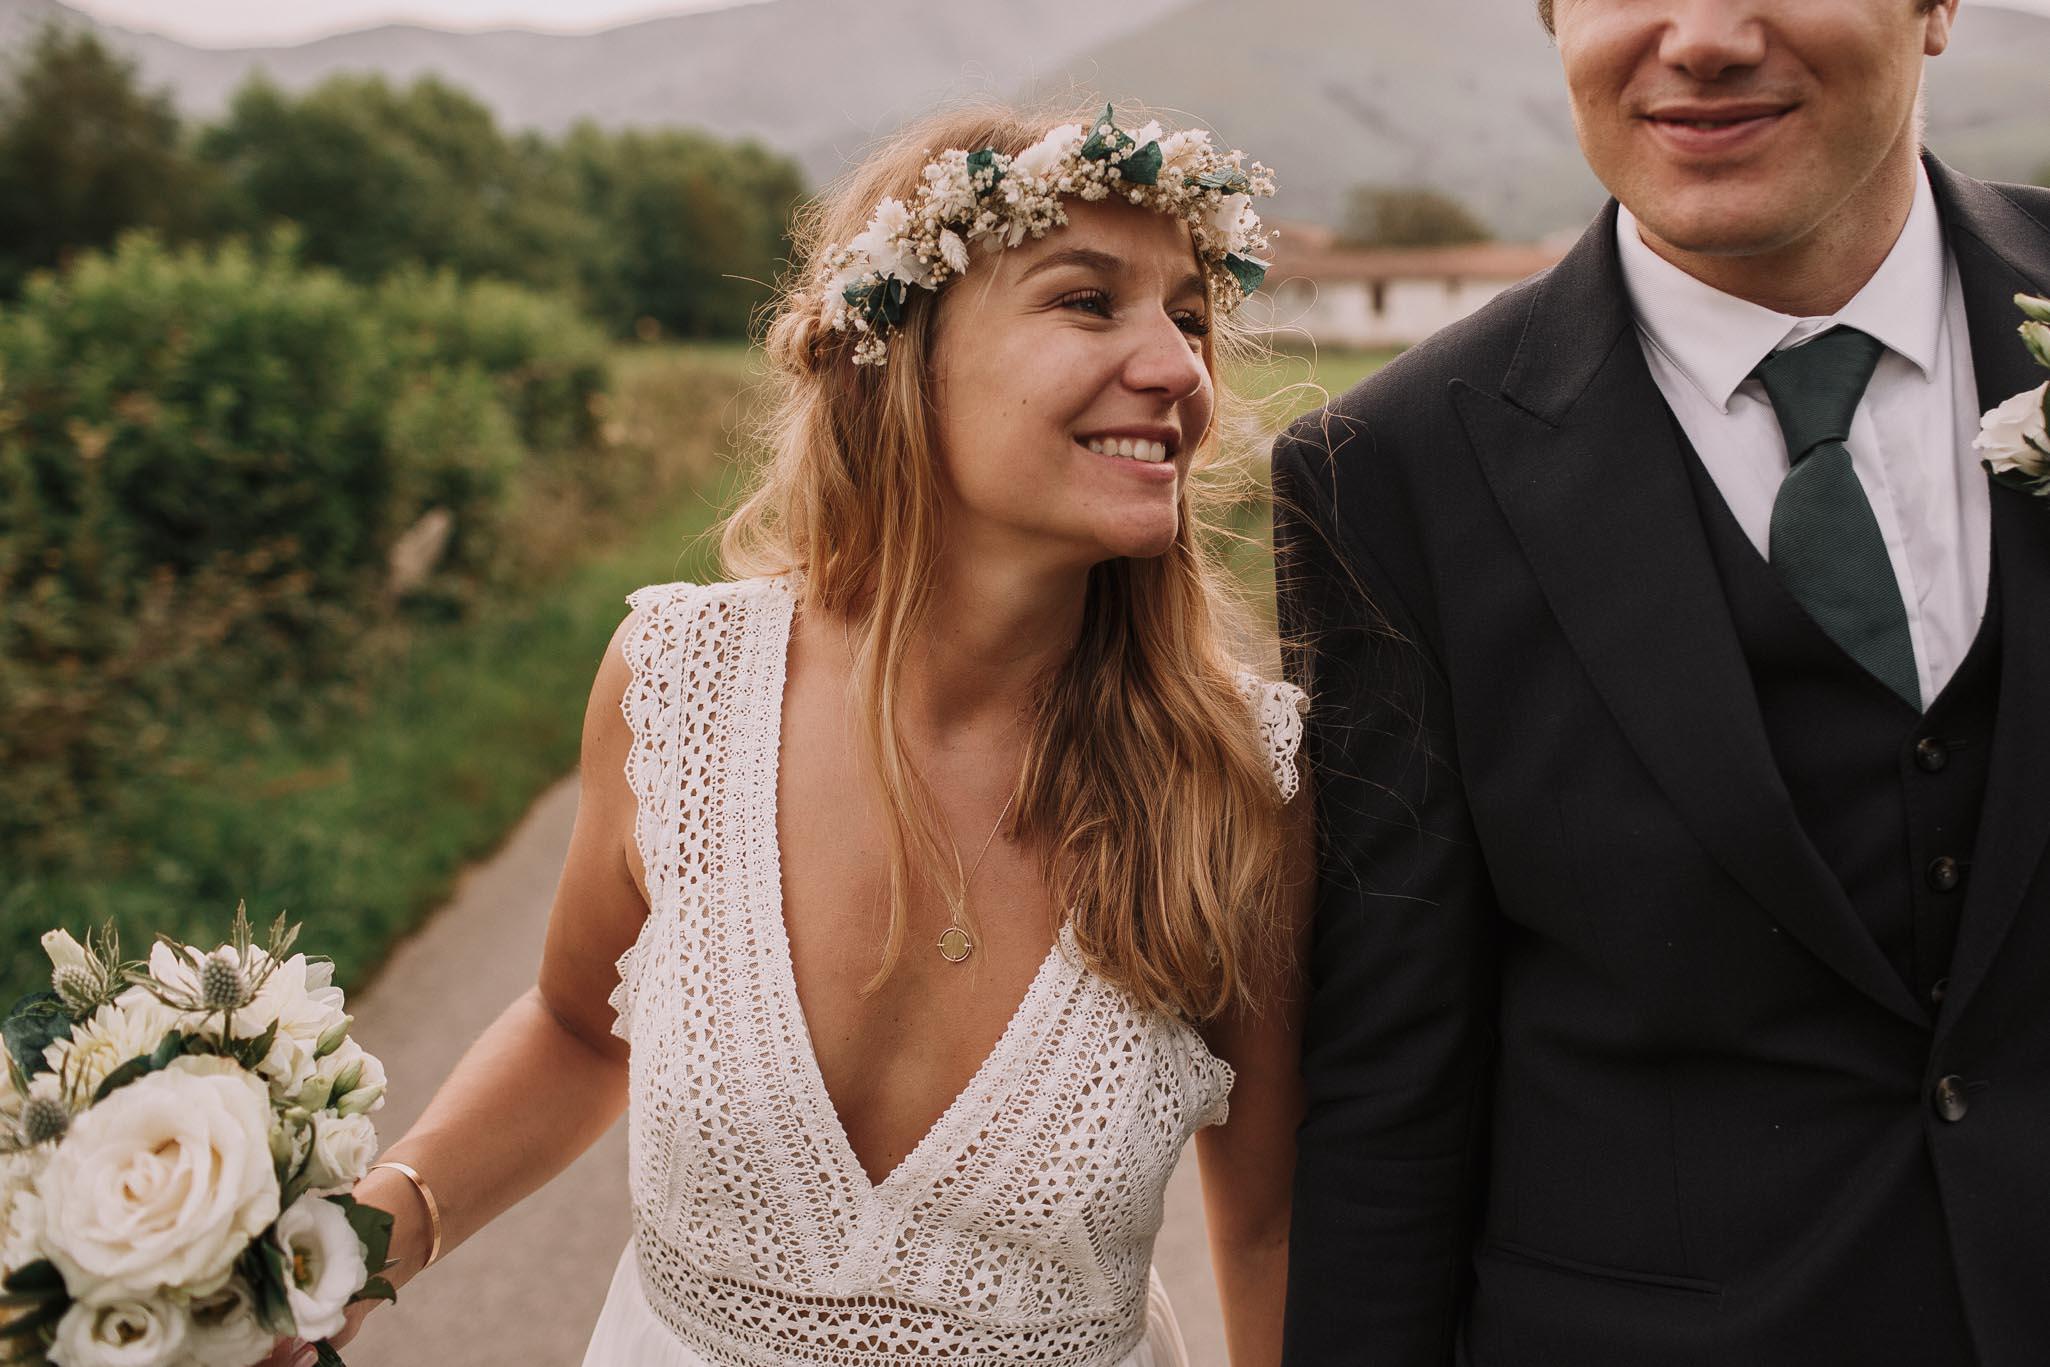 Photographe-mariage-bordeaux-jeremy-boyer-pays-basque-ihartze-artea-sare-robe-eleonore-pauc-couple-amour-128.jpg